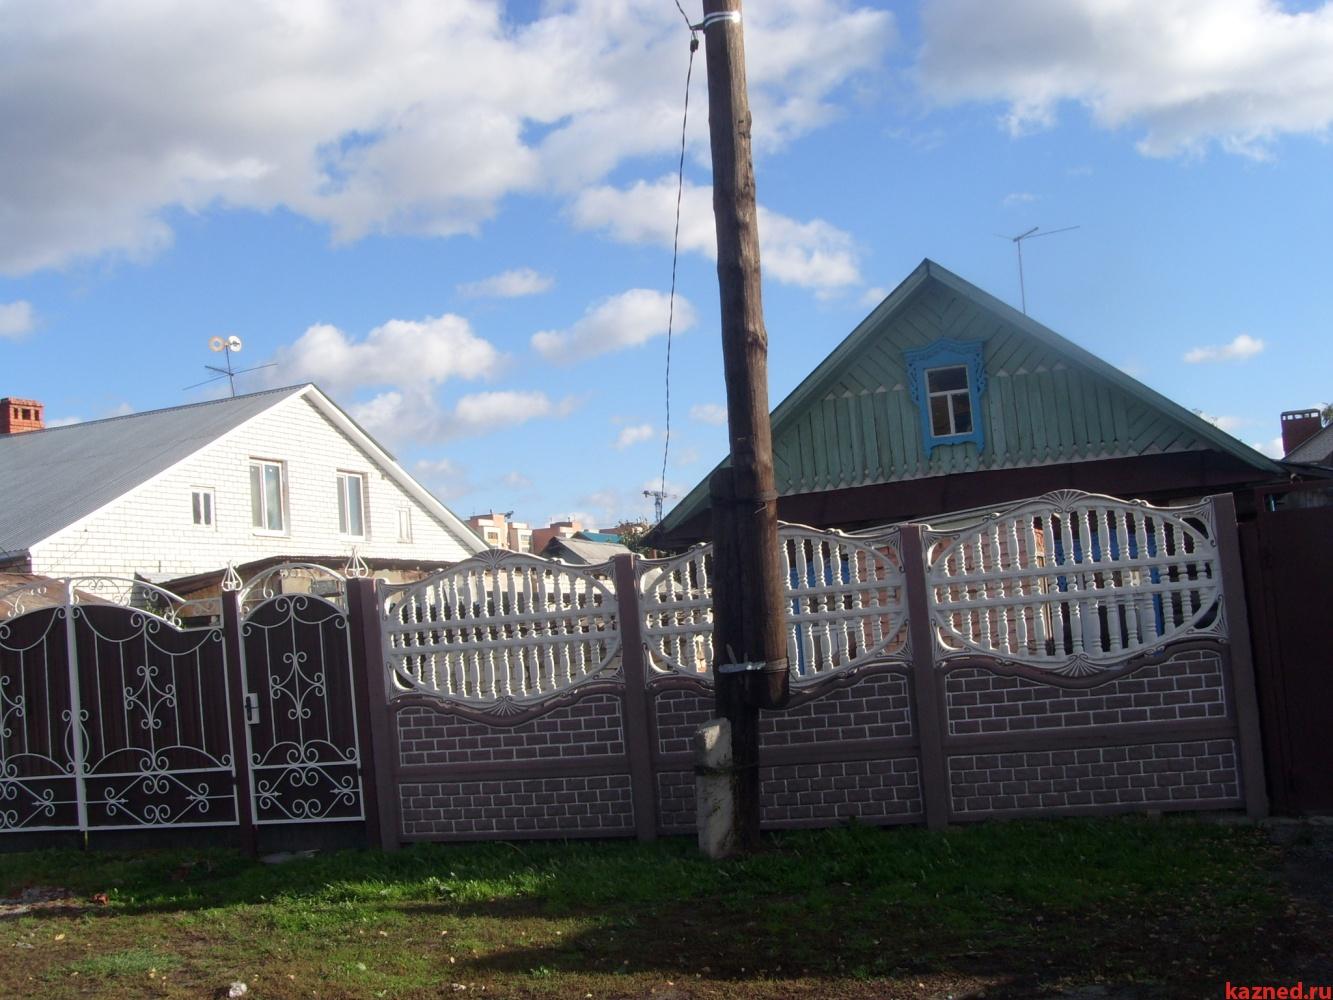 Продажа  Дома Сурикова 22, (Аметьево), 90 м2  (миниатюра №2)